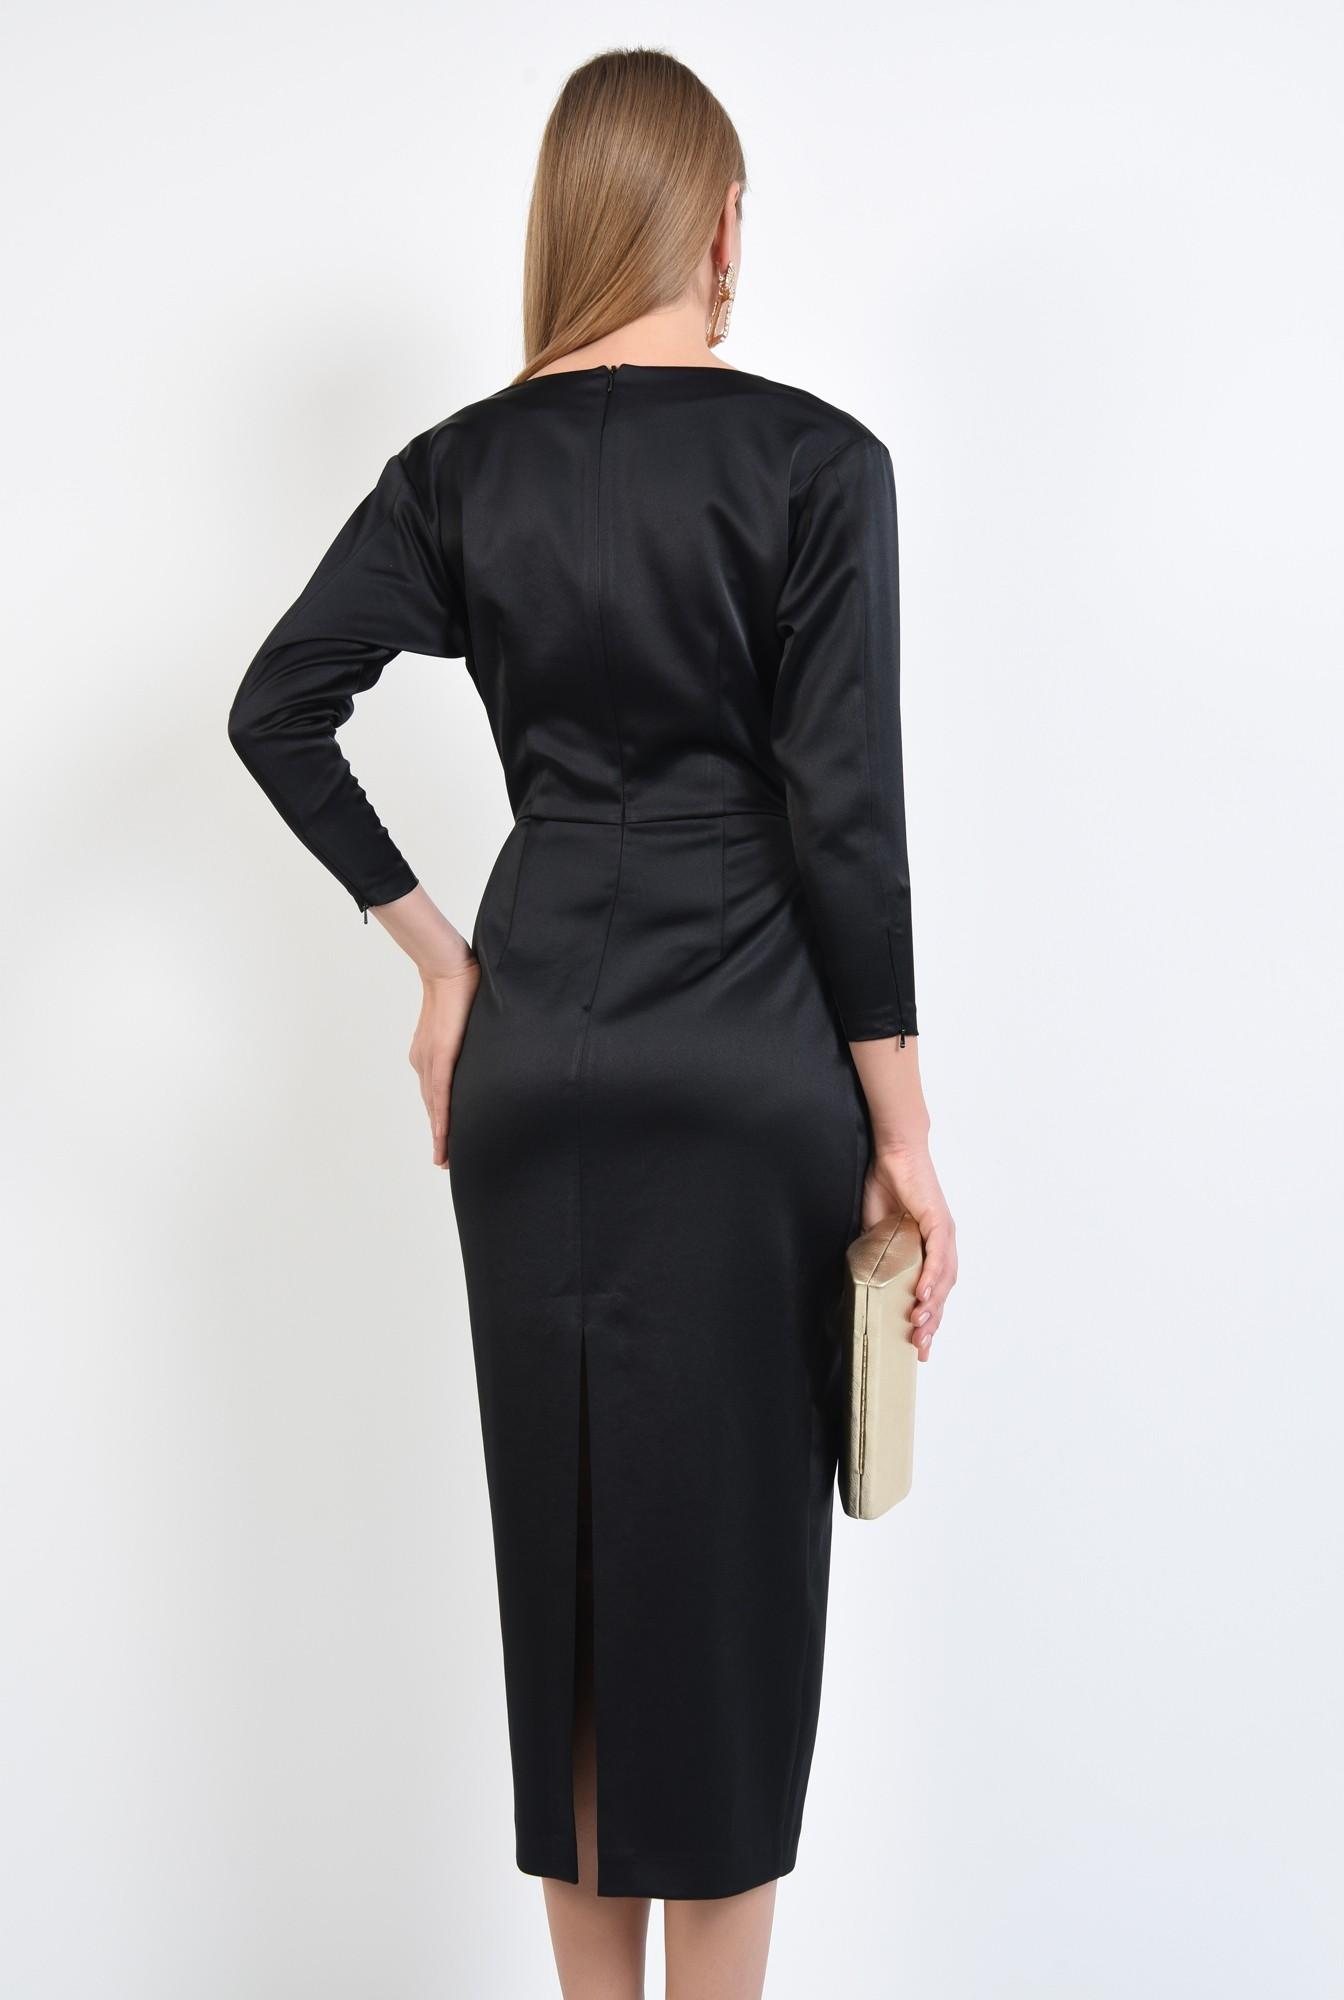 1 - rochie de ocazie, neagra, lunga, cambrata, drapata la decolteu